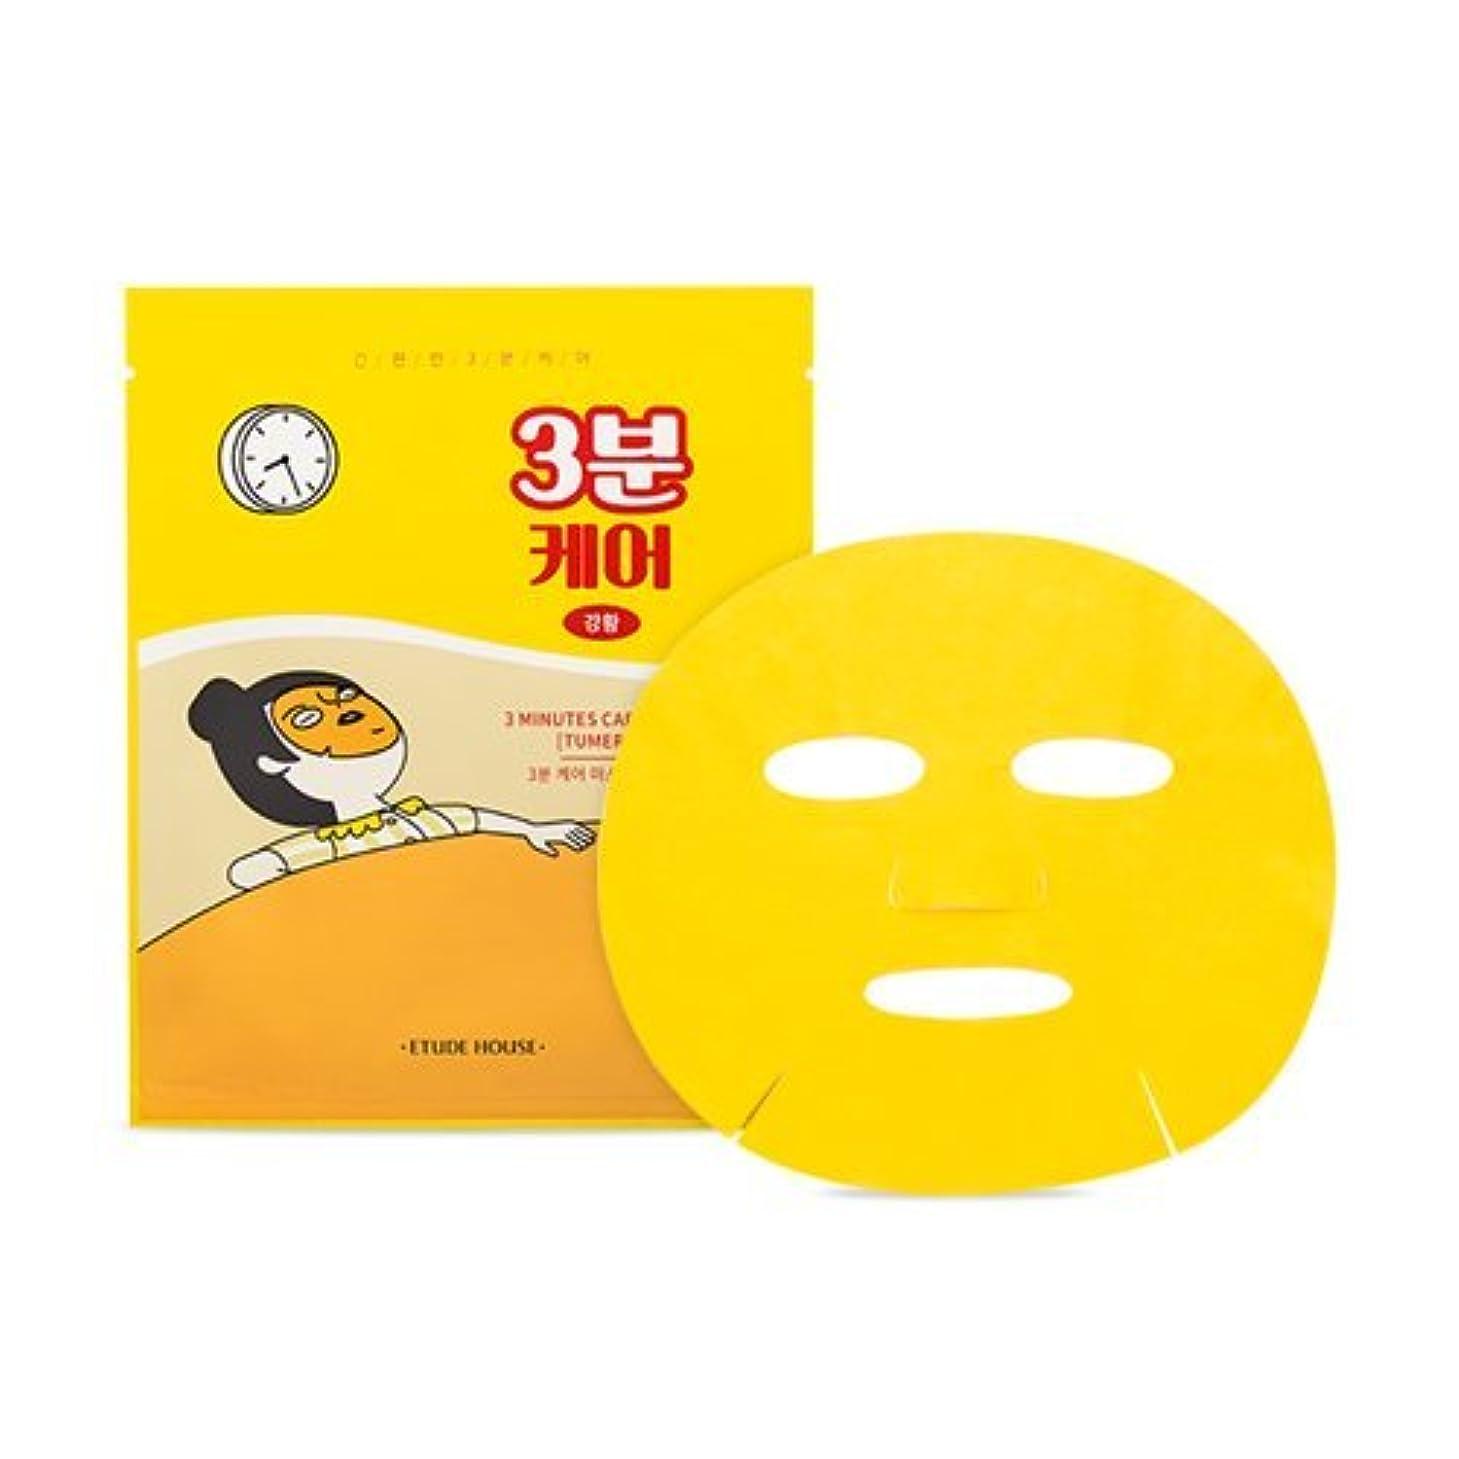 大宇宙悲惨四半期エチュードハウス 3分ケア マスク[ ウコン ] 5枚/ETUDE HOUSE 3 Minutes Care Mask [TUMERIC] 23g*5EA